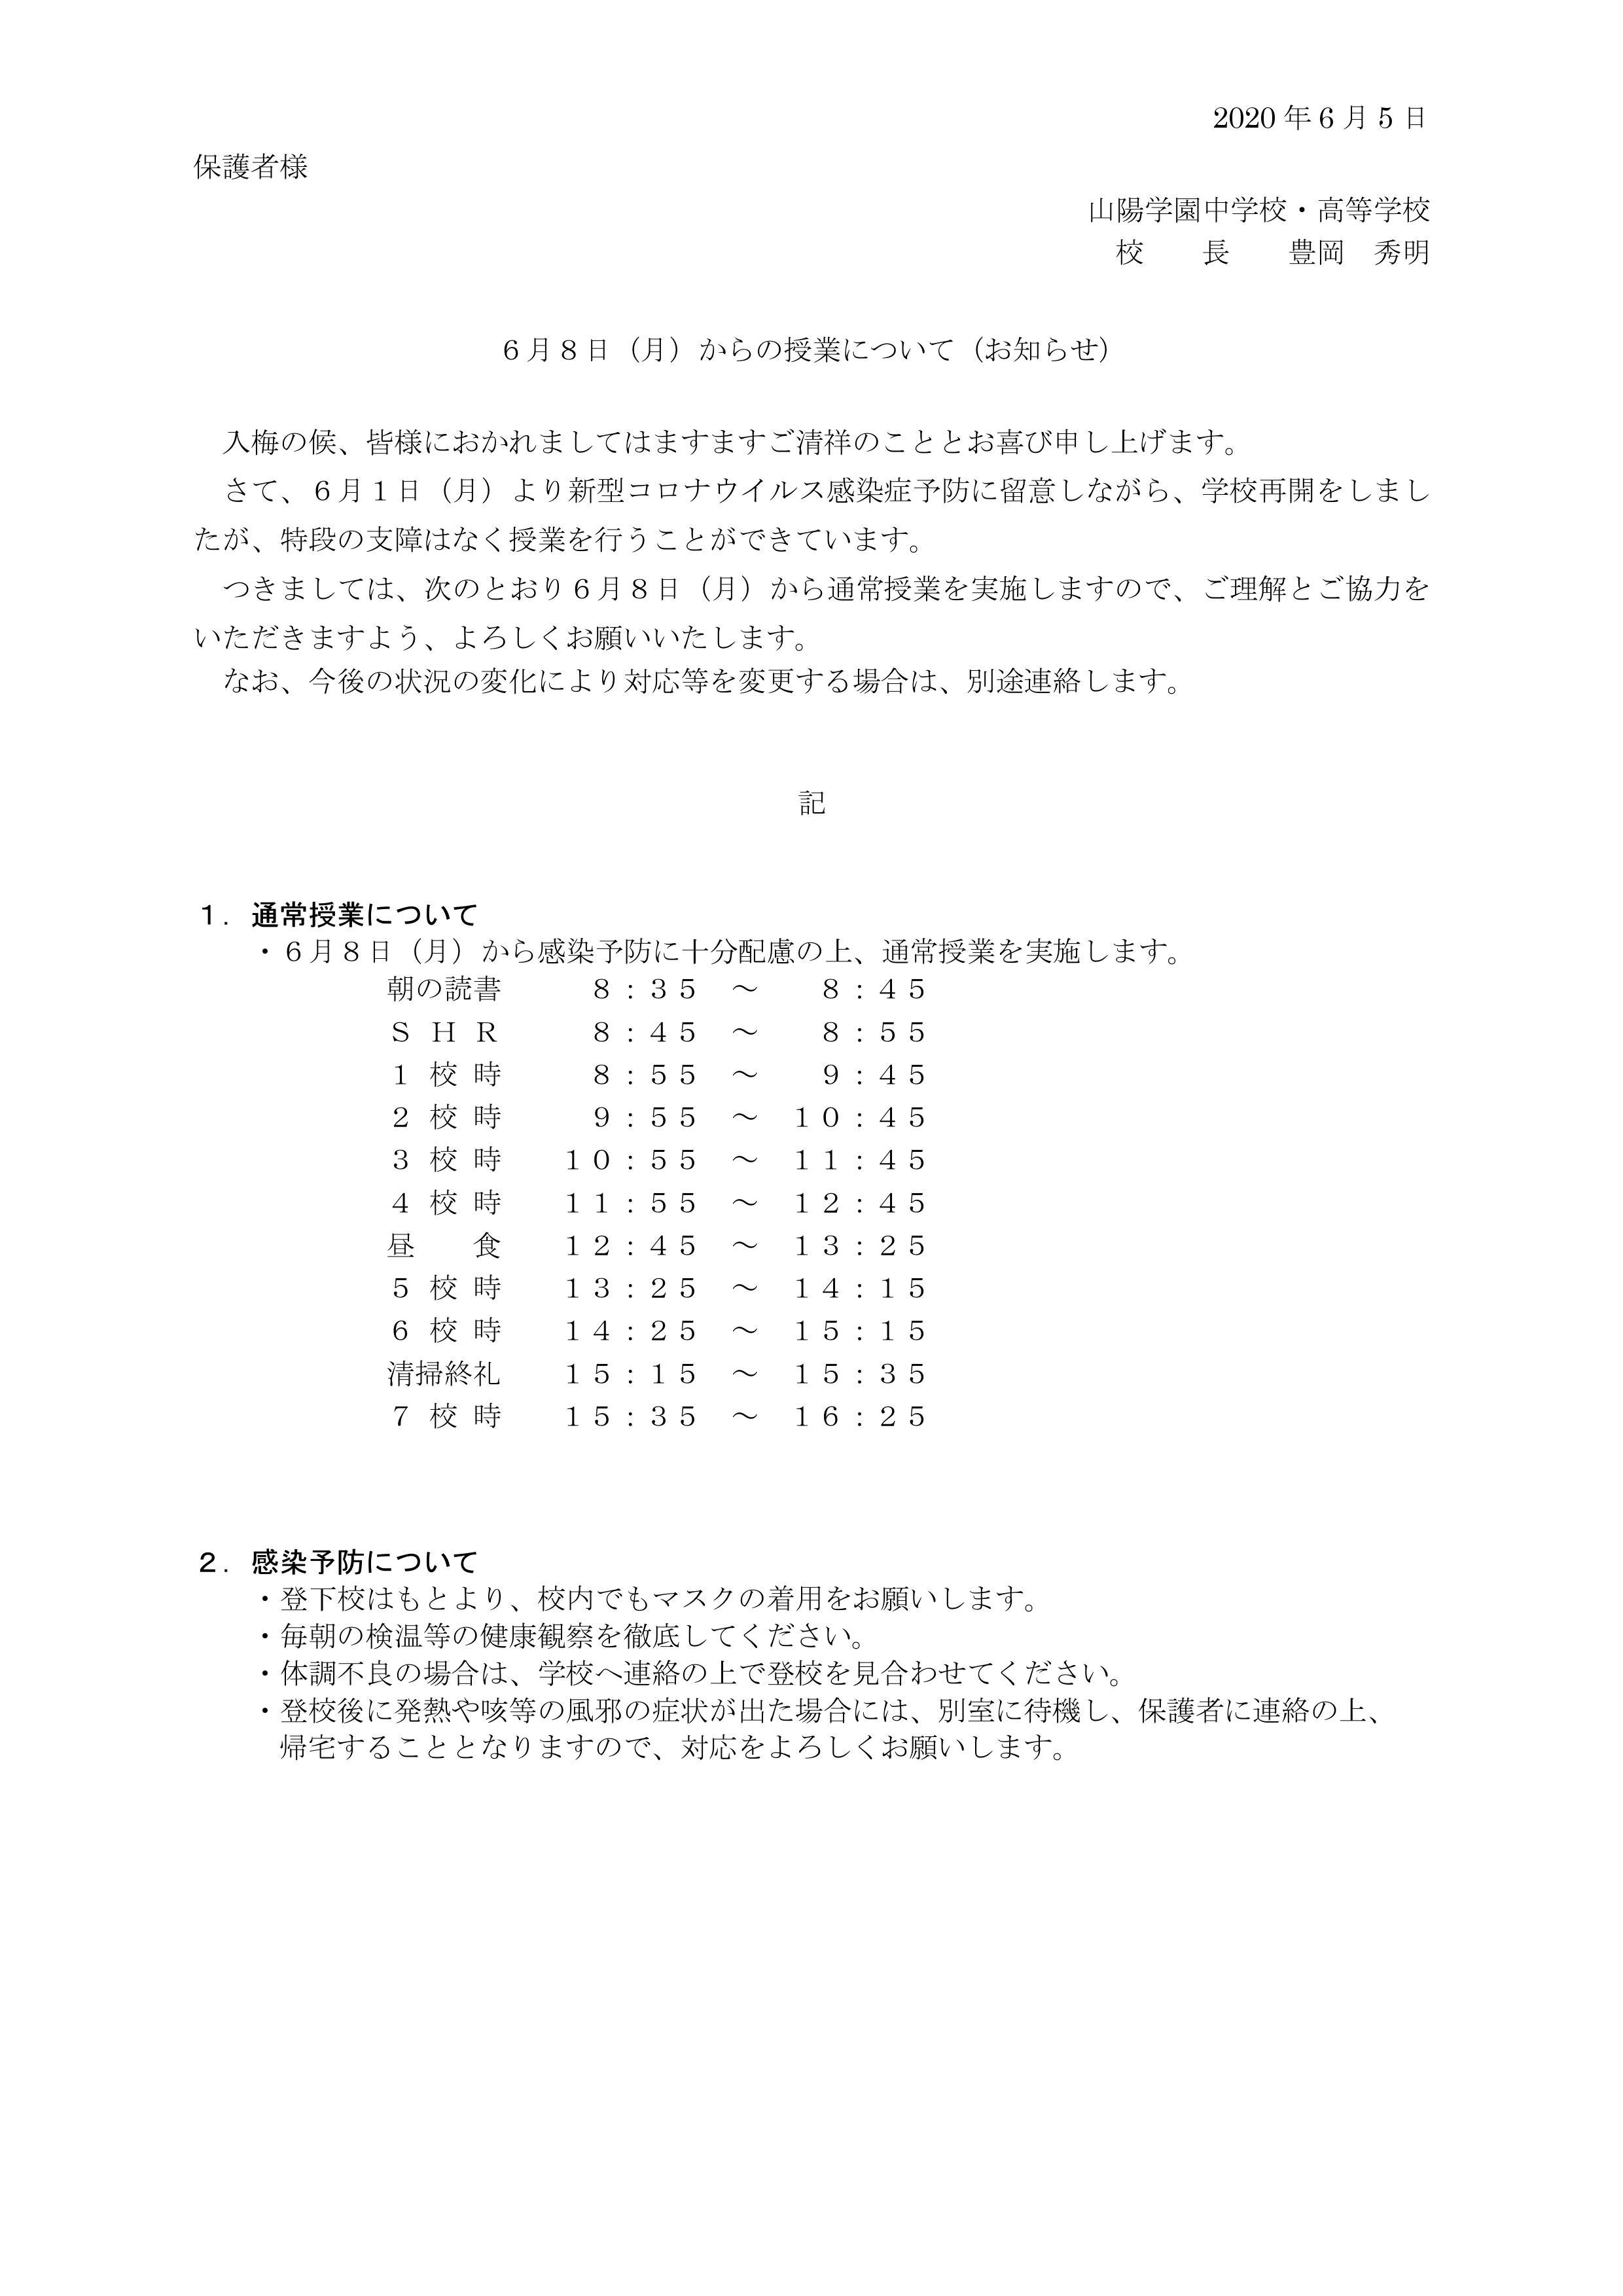 2020年6月8日通常授業についてお知らせ_000001